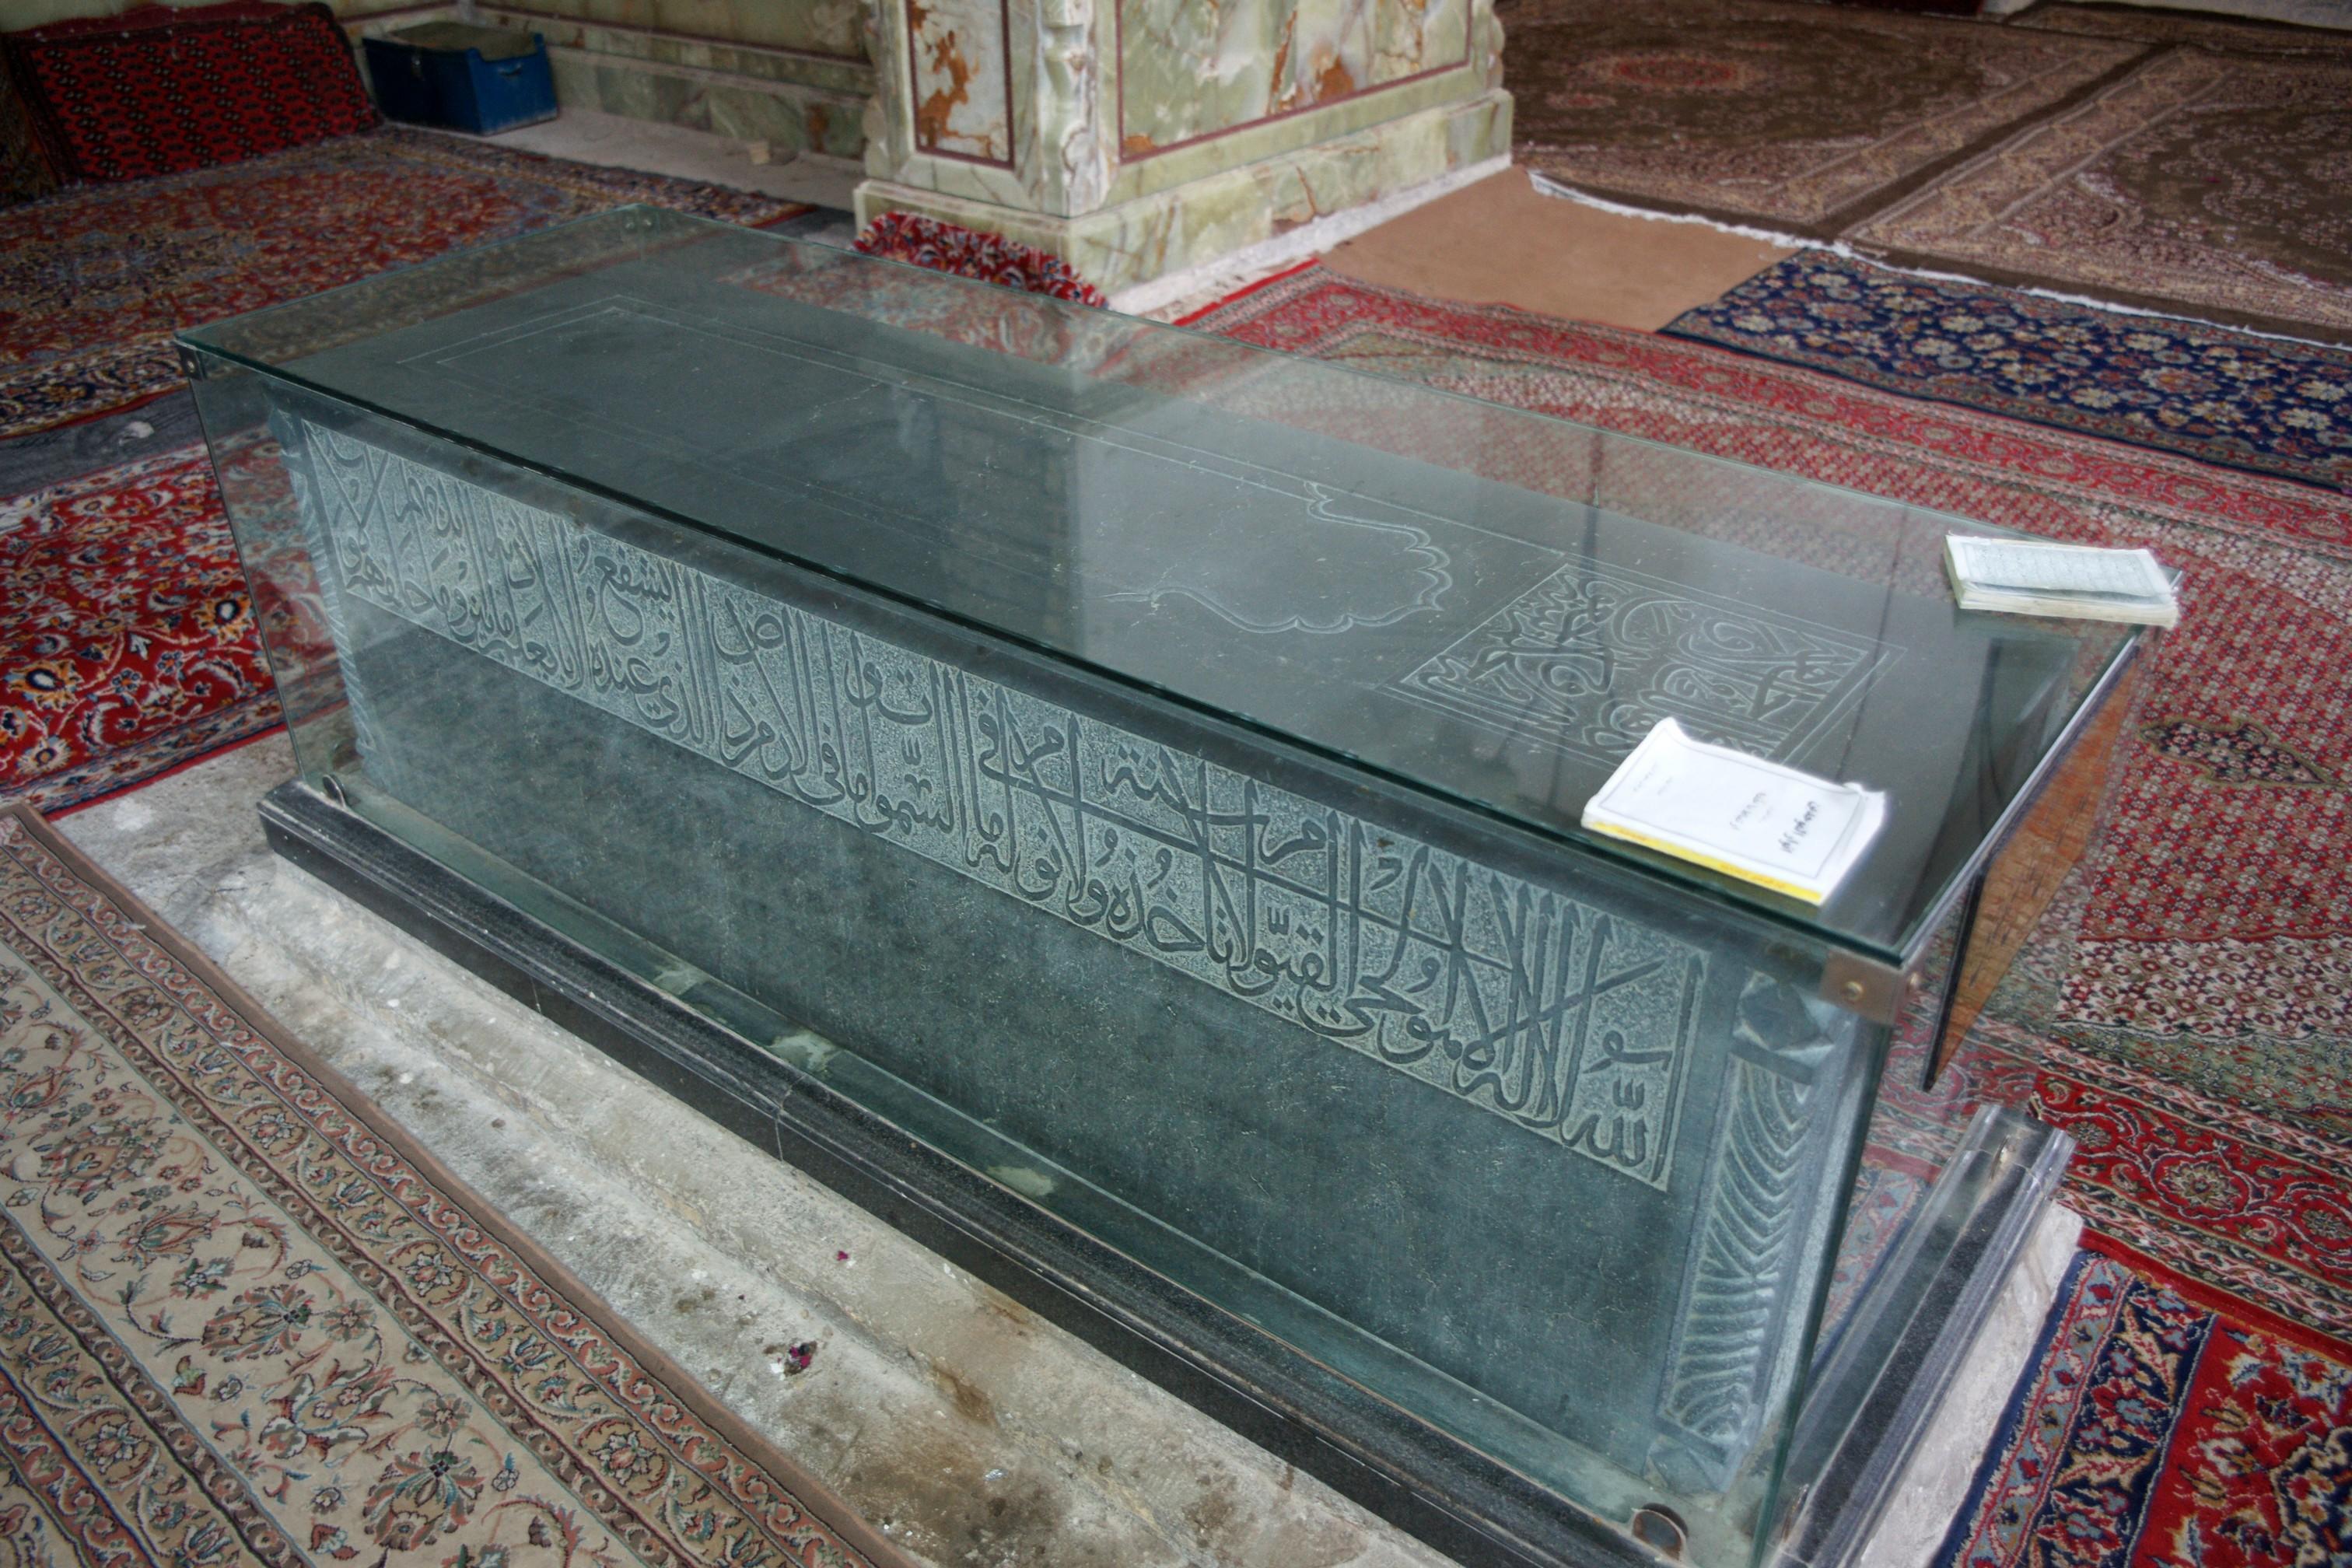 20160430_164605_A900.13428 hrobka šáha Abbáse I., zakladatele Esfahánu